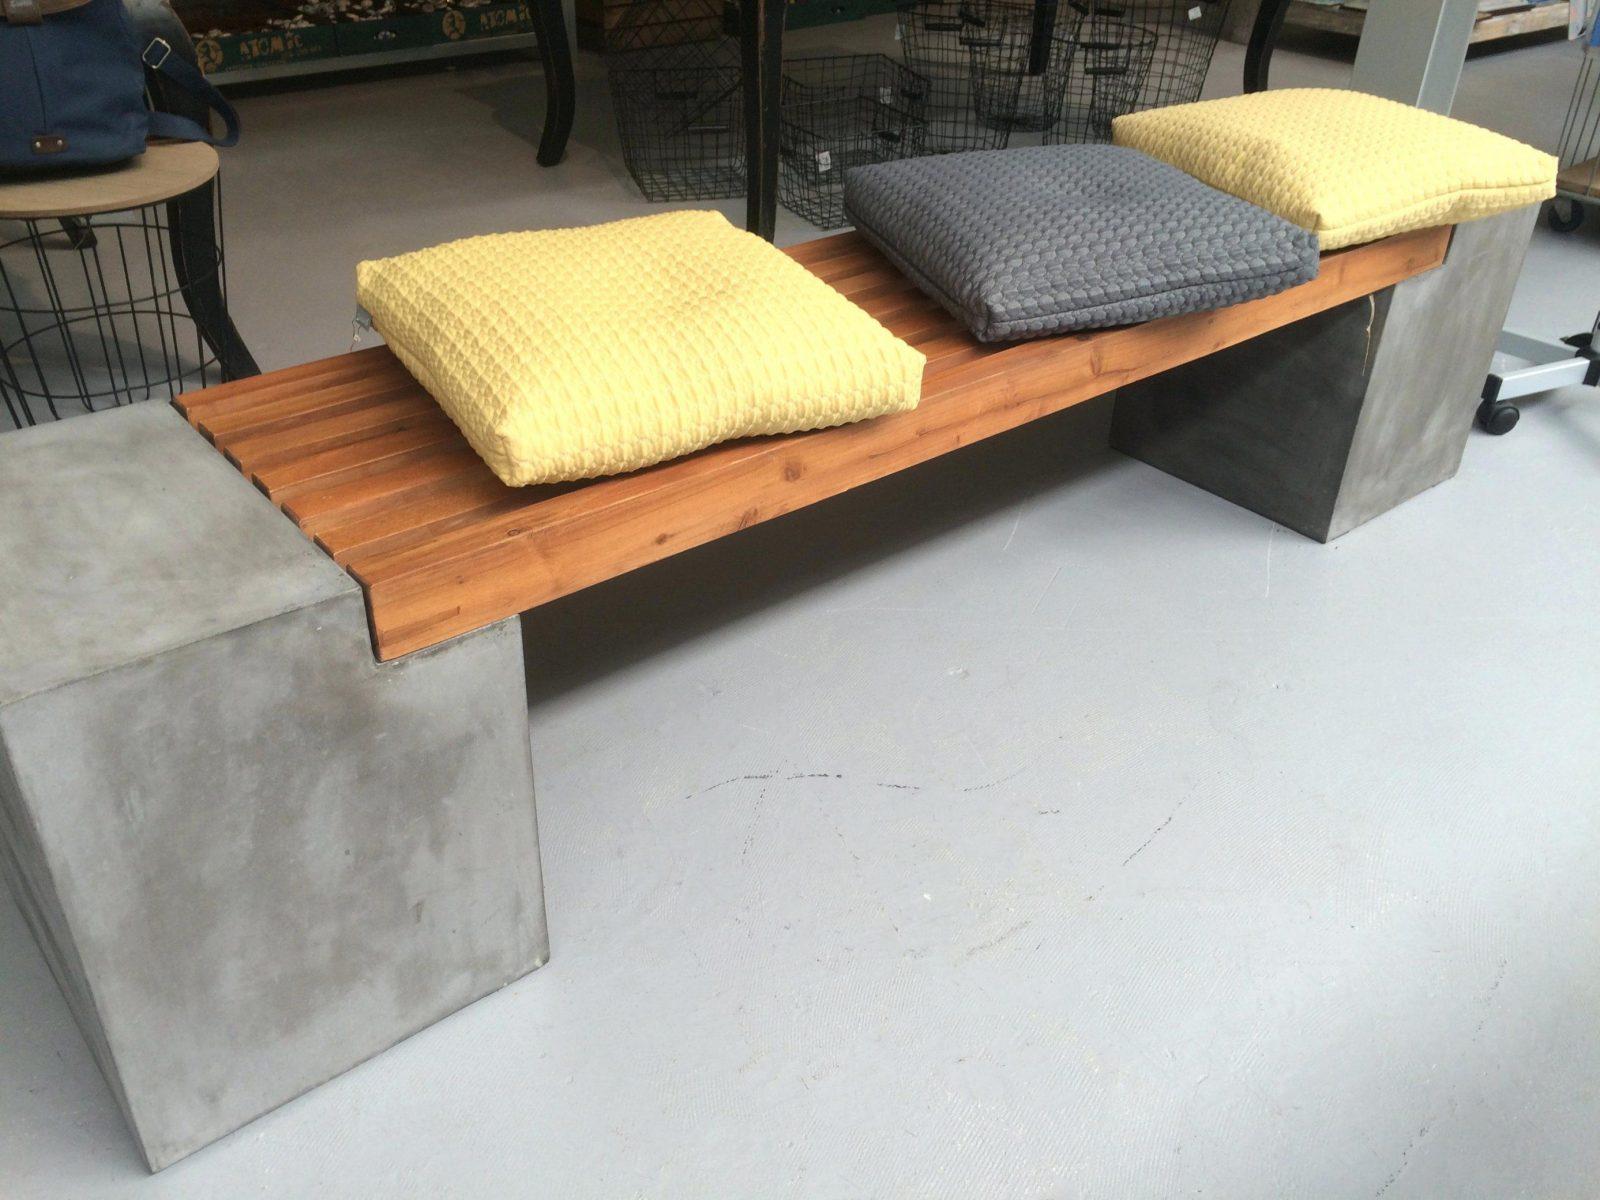 Garten sitzbank selber bauen haus design ideen for Sitzbank lehne selber bauen